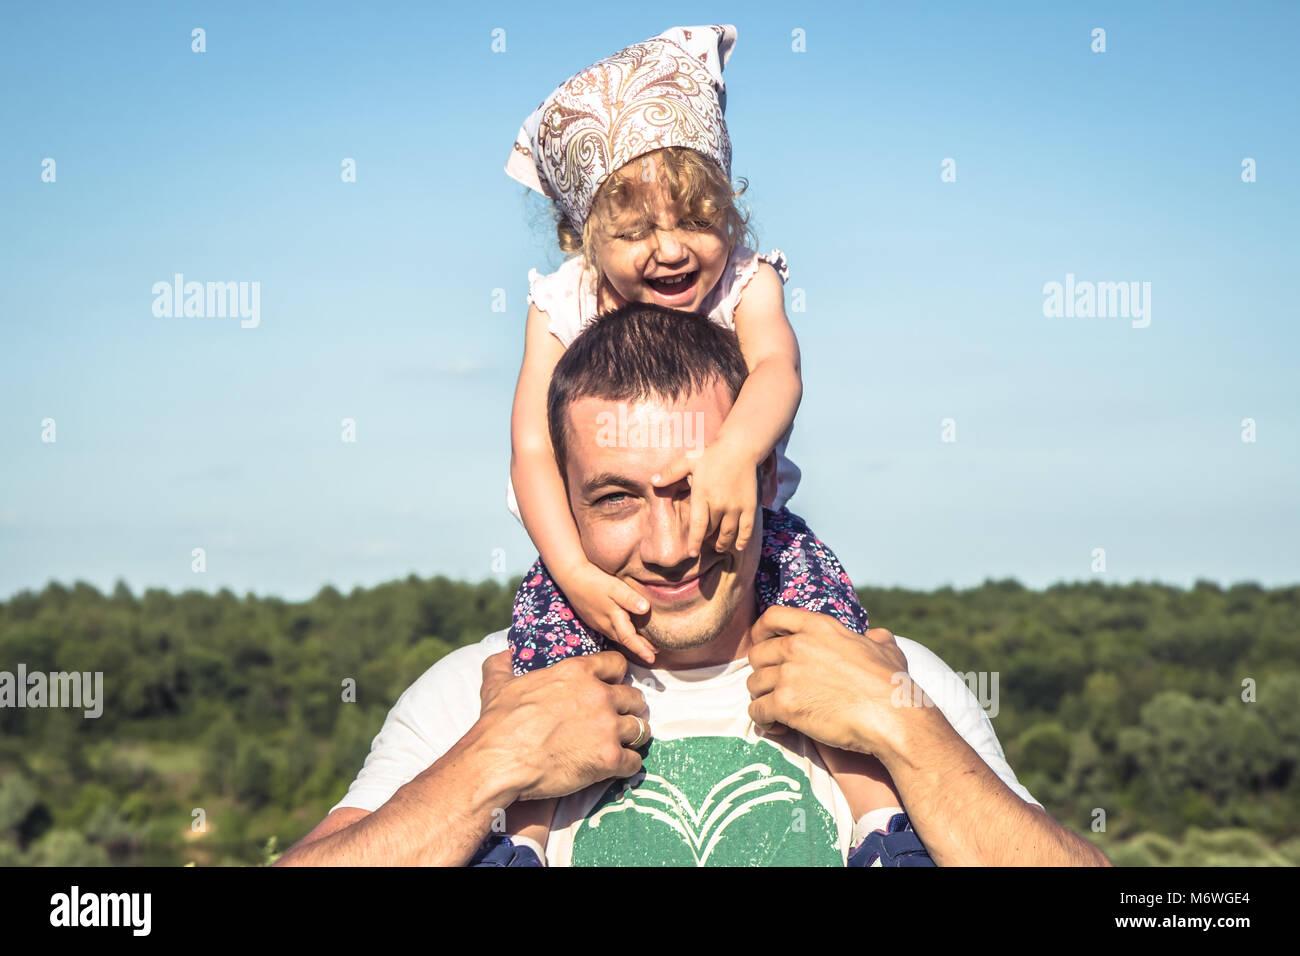 Padre hija lindo divertirse juntos como estilo de vida familiar retrato delante de cielo azul. Feliz padre sosteniendo Imagen De Stock